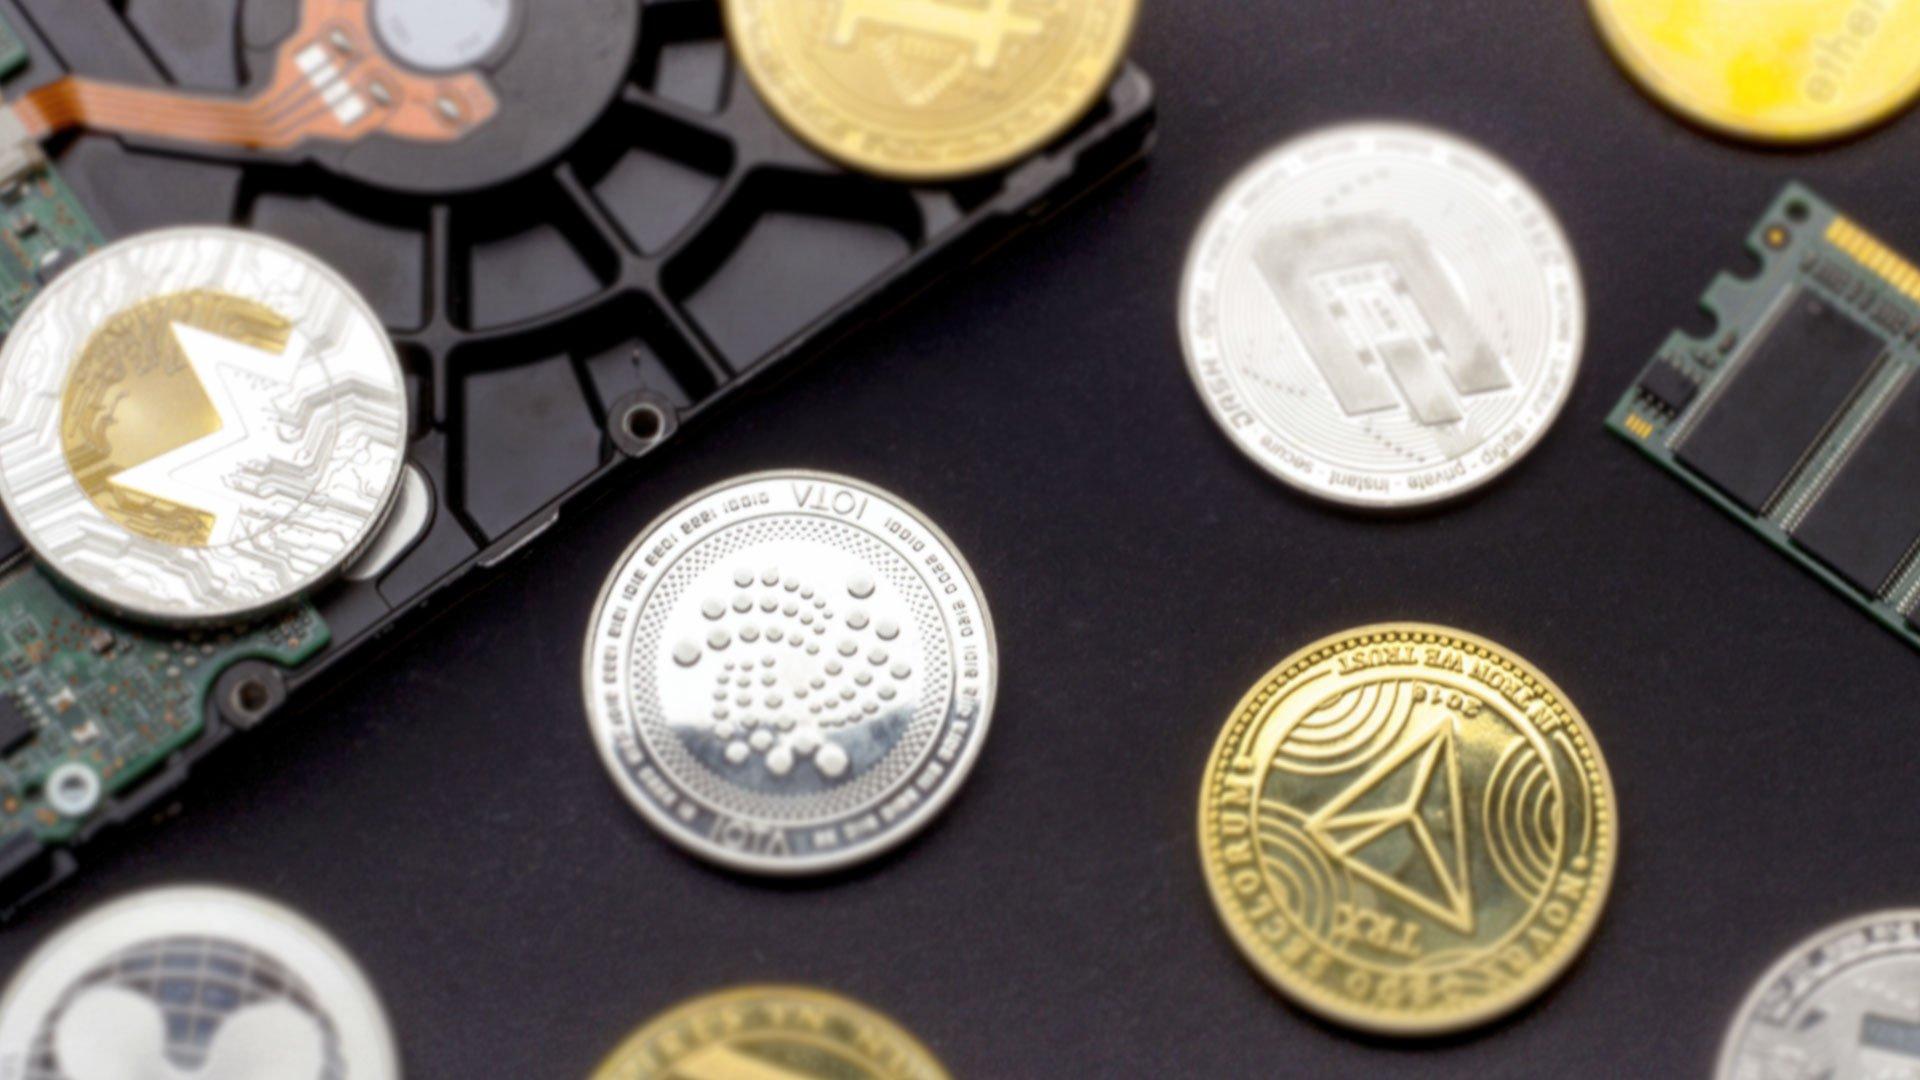 kripto investicij ou ribotų akcijų ir nekvalifikuotų akcijų pasirinkimo sandoriai